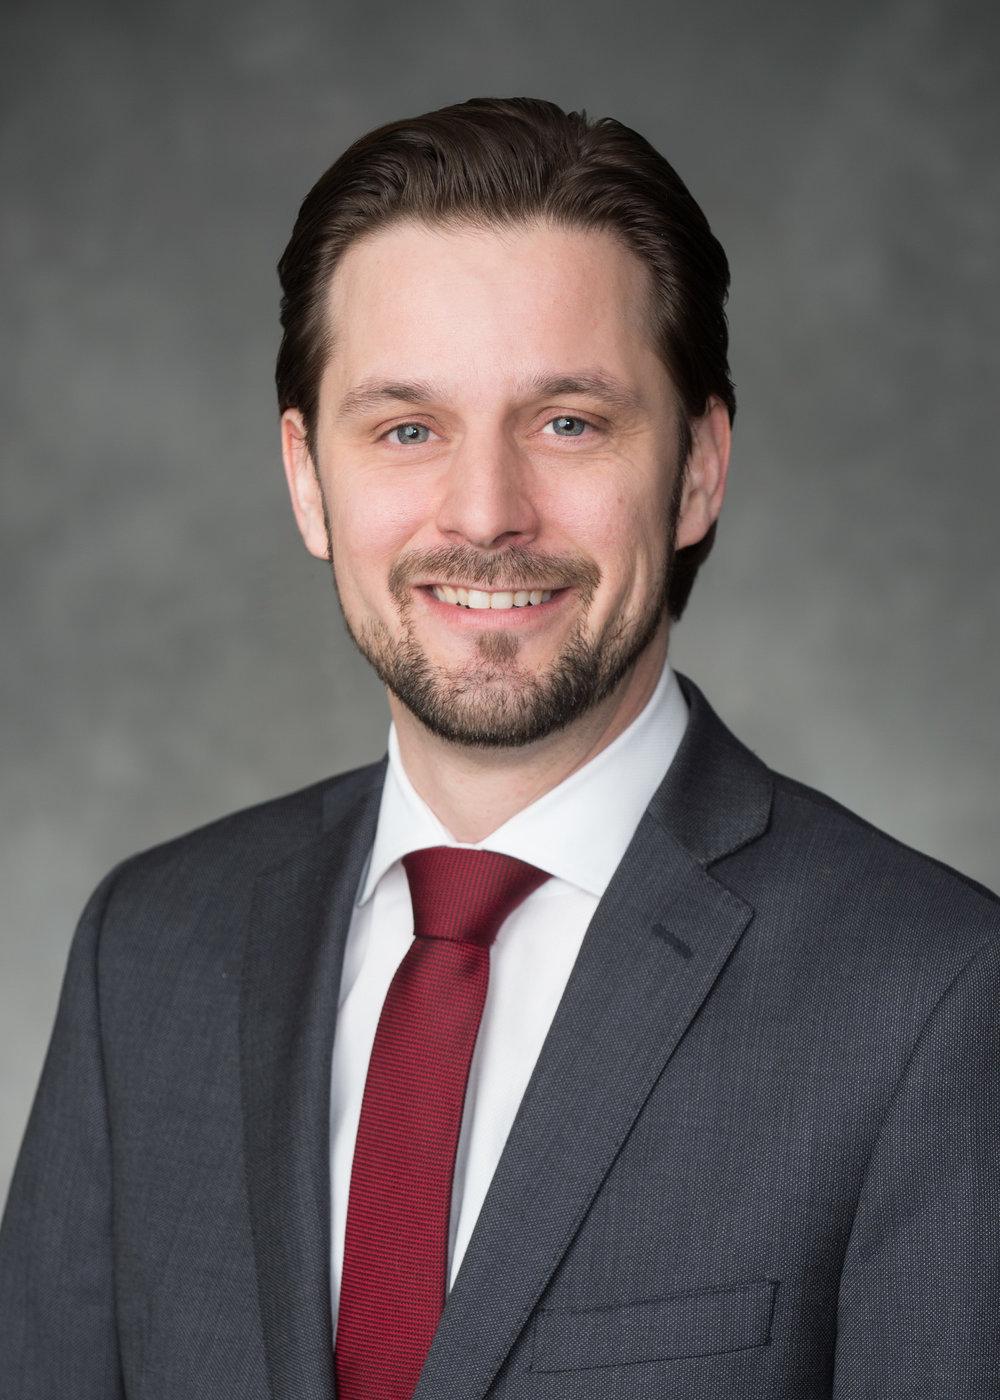 Bryan VanDyke